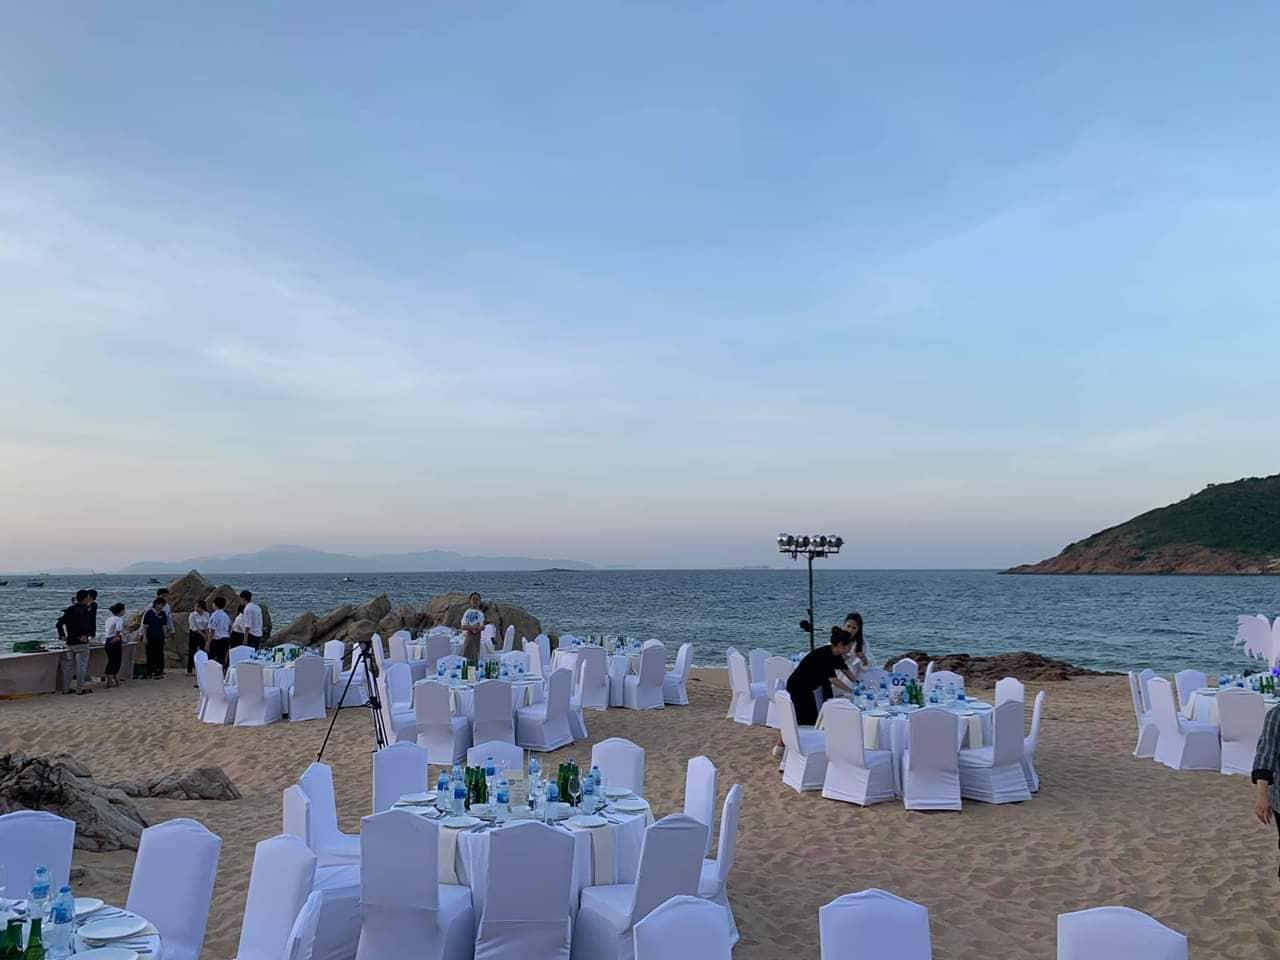 18h30, sân khấu vinh danh đã sẵn sàng ngay bờ biển thoáng đãng.